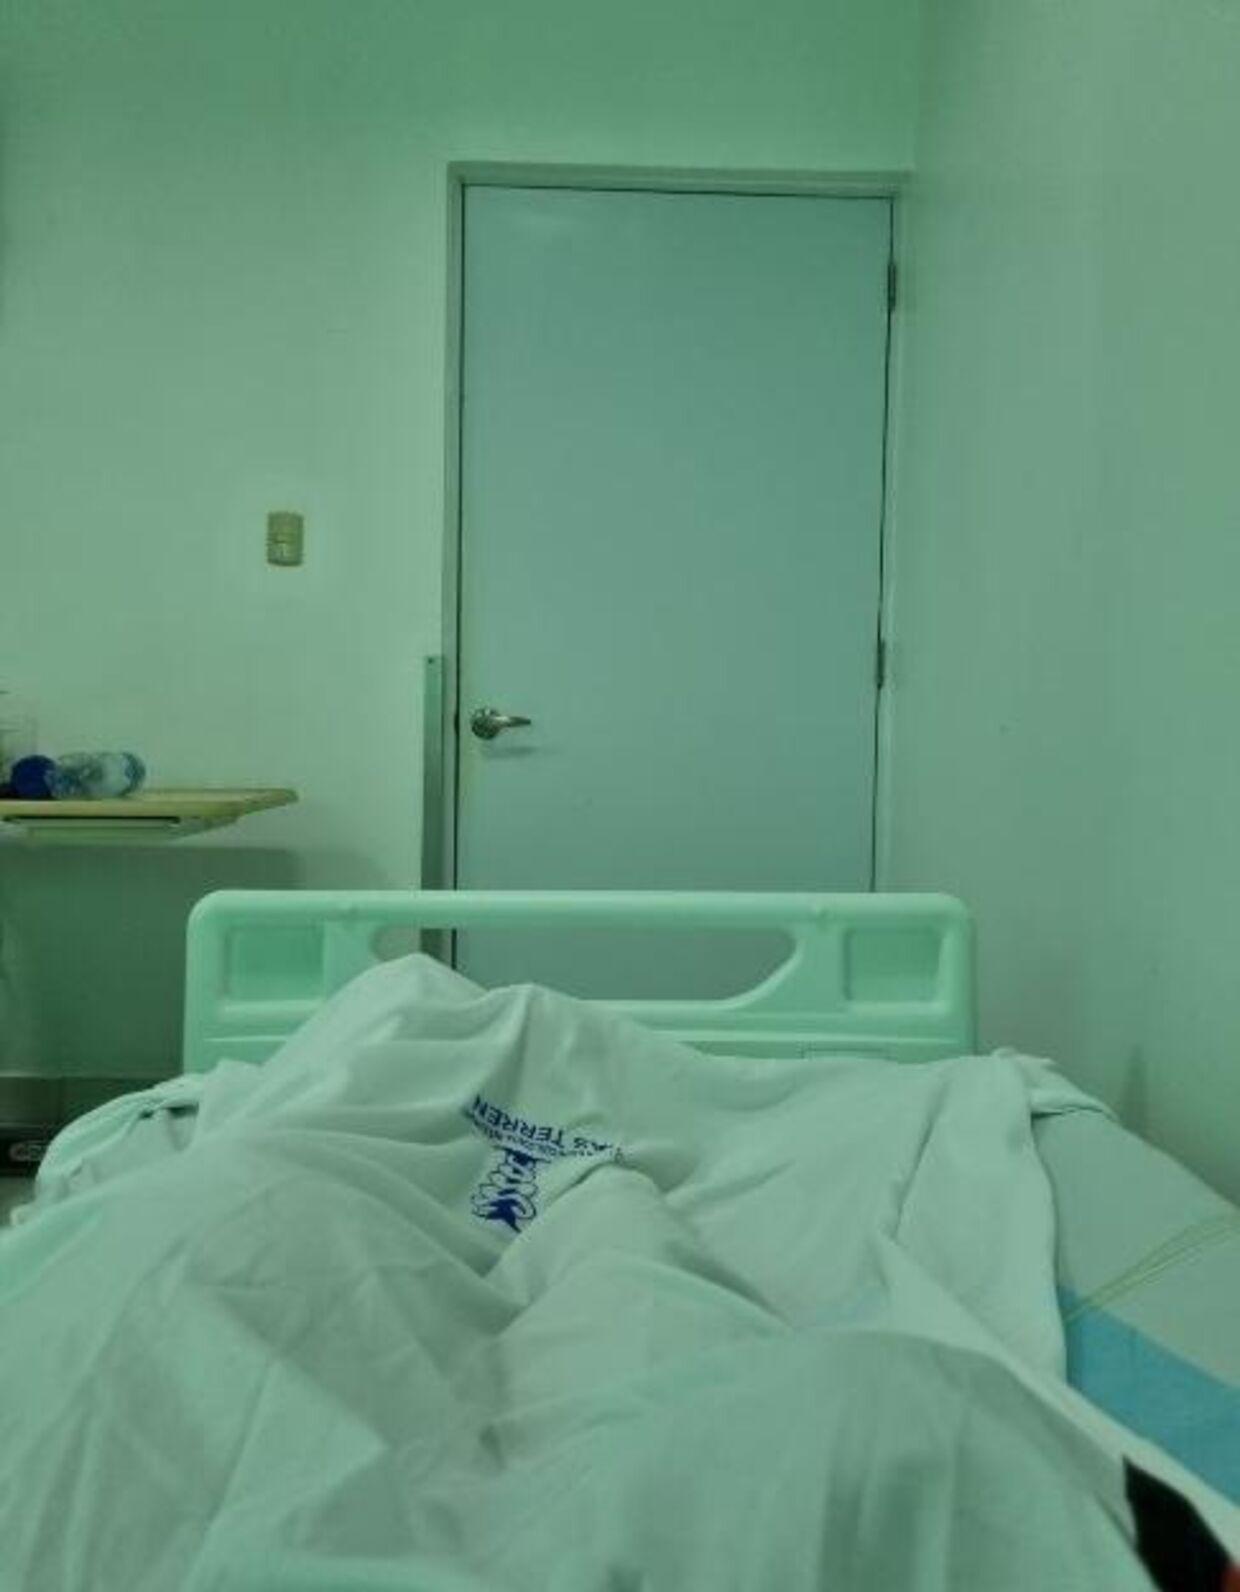 På Asmas hospitalsstue var lyset grønligt. Efter flere dage i hospitalssengen så hun farver helt forvrænget.